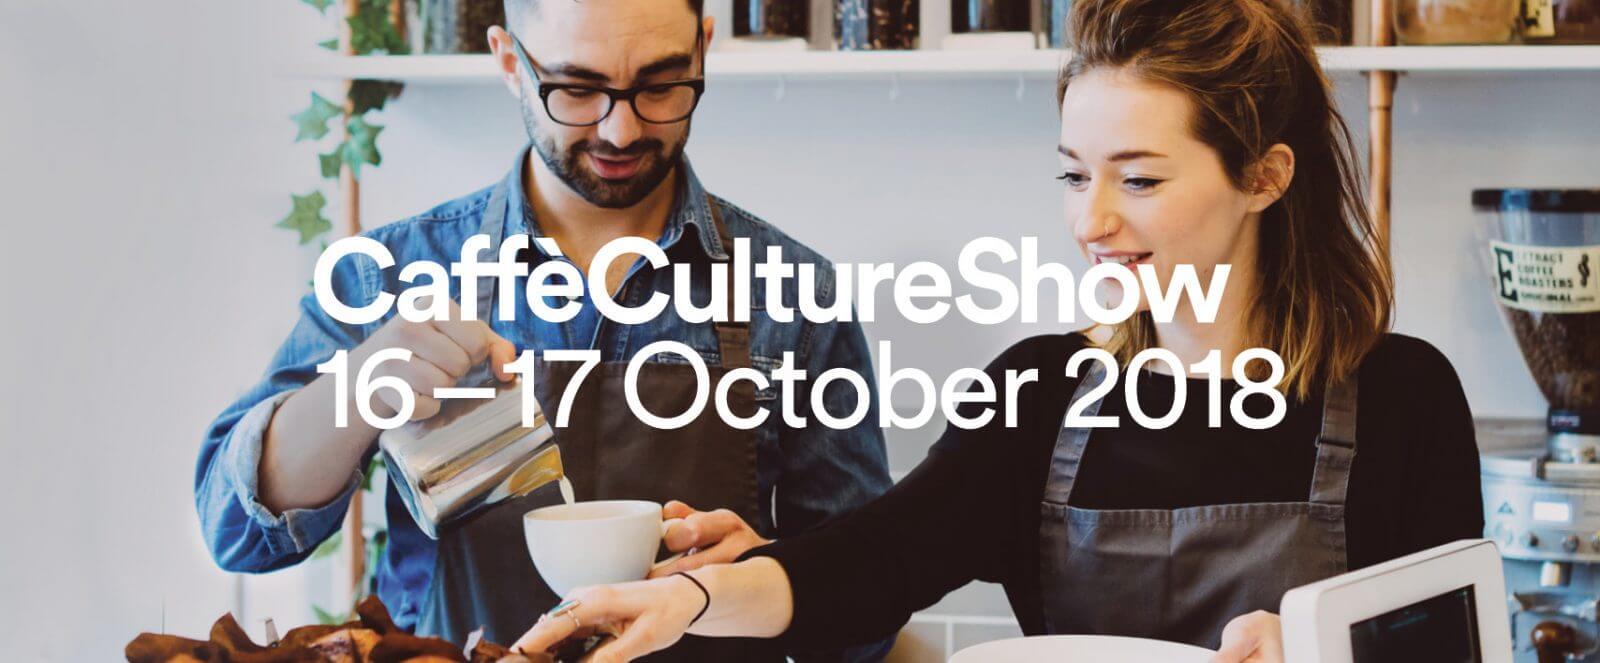 Caffe Culture Show